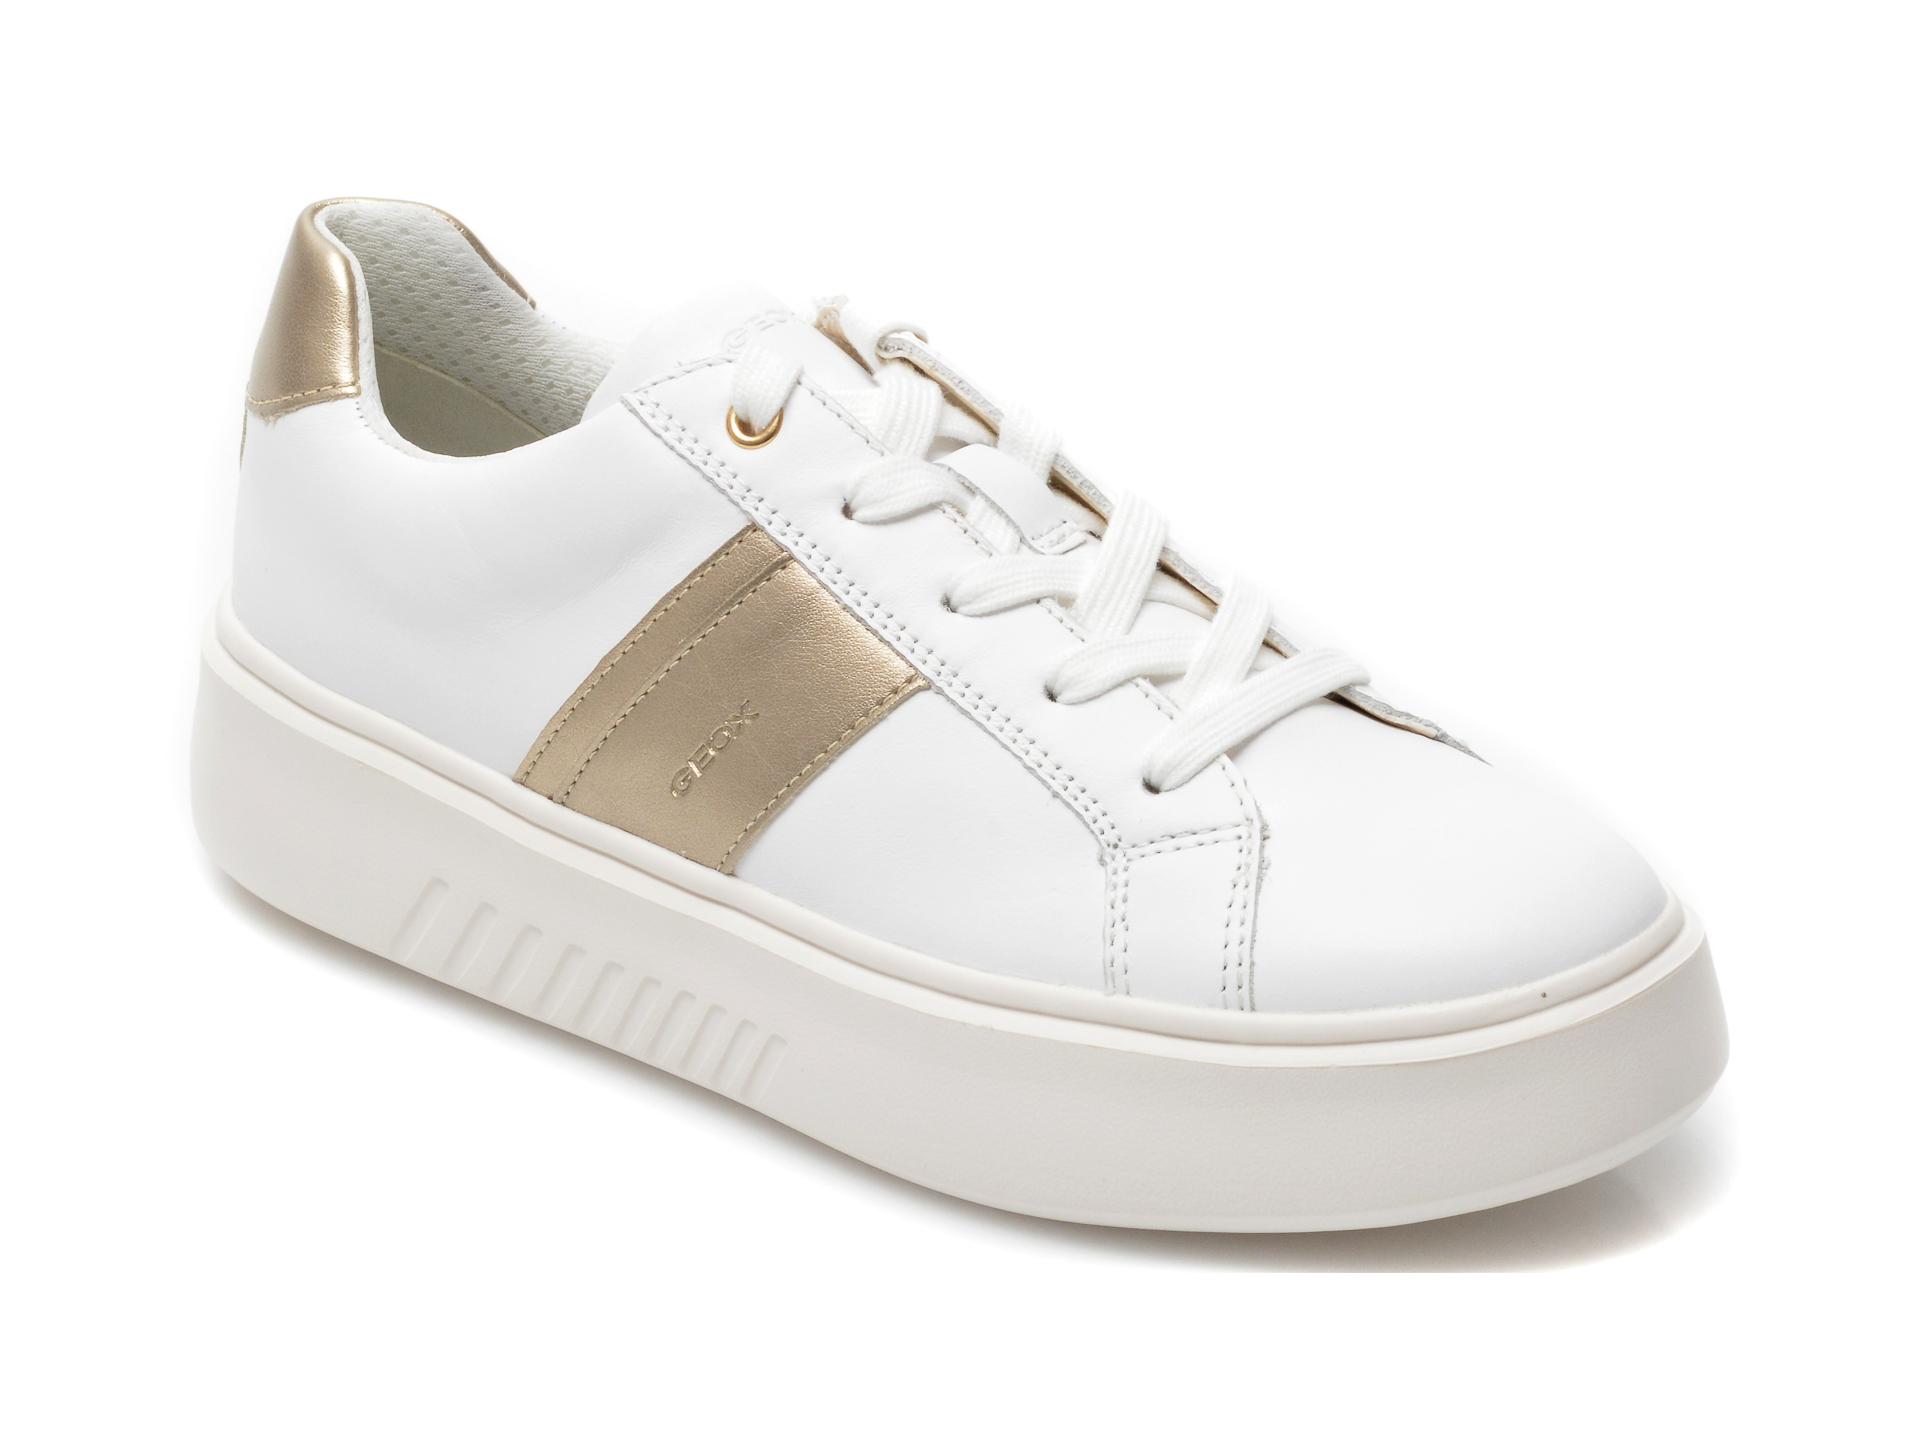 Pantofi sport GEOX albi, J158WE, din piele ecologica